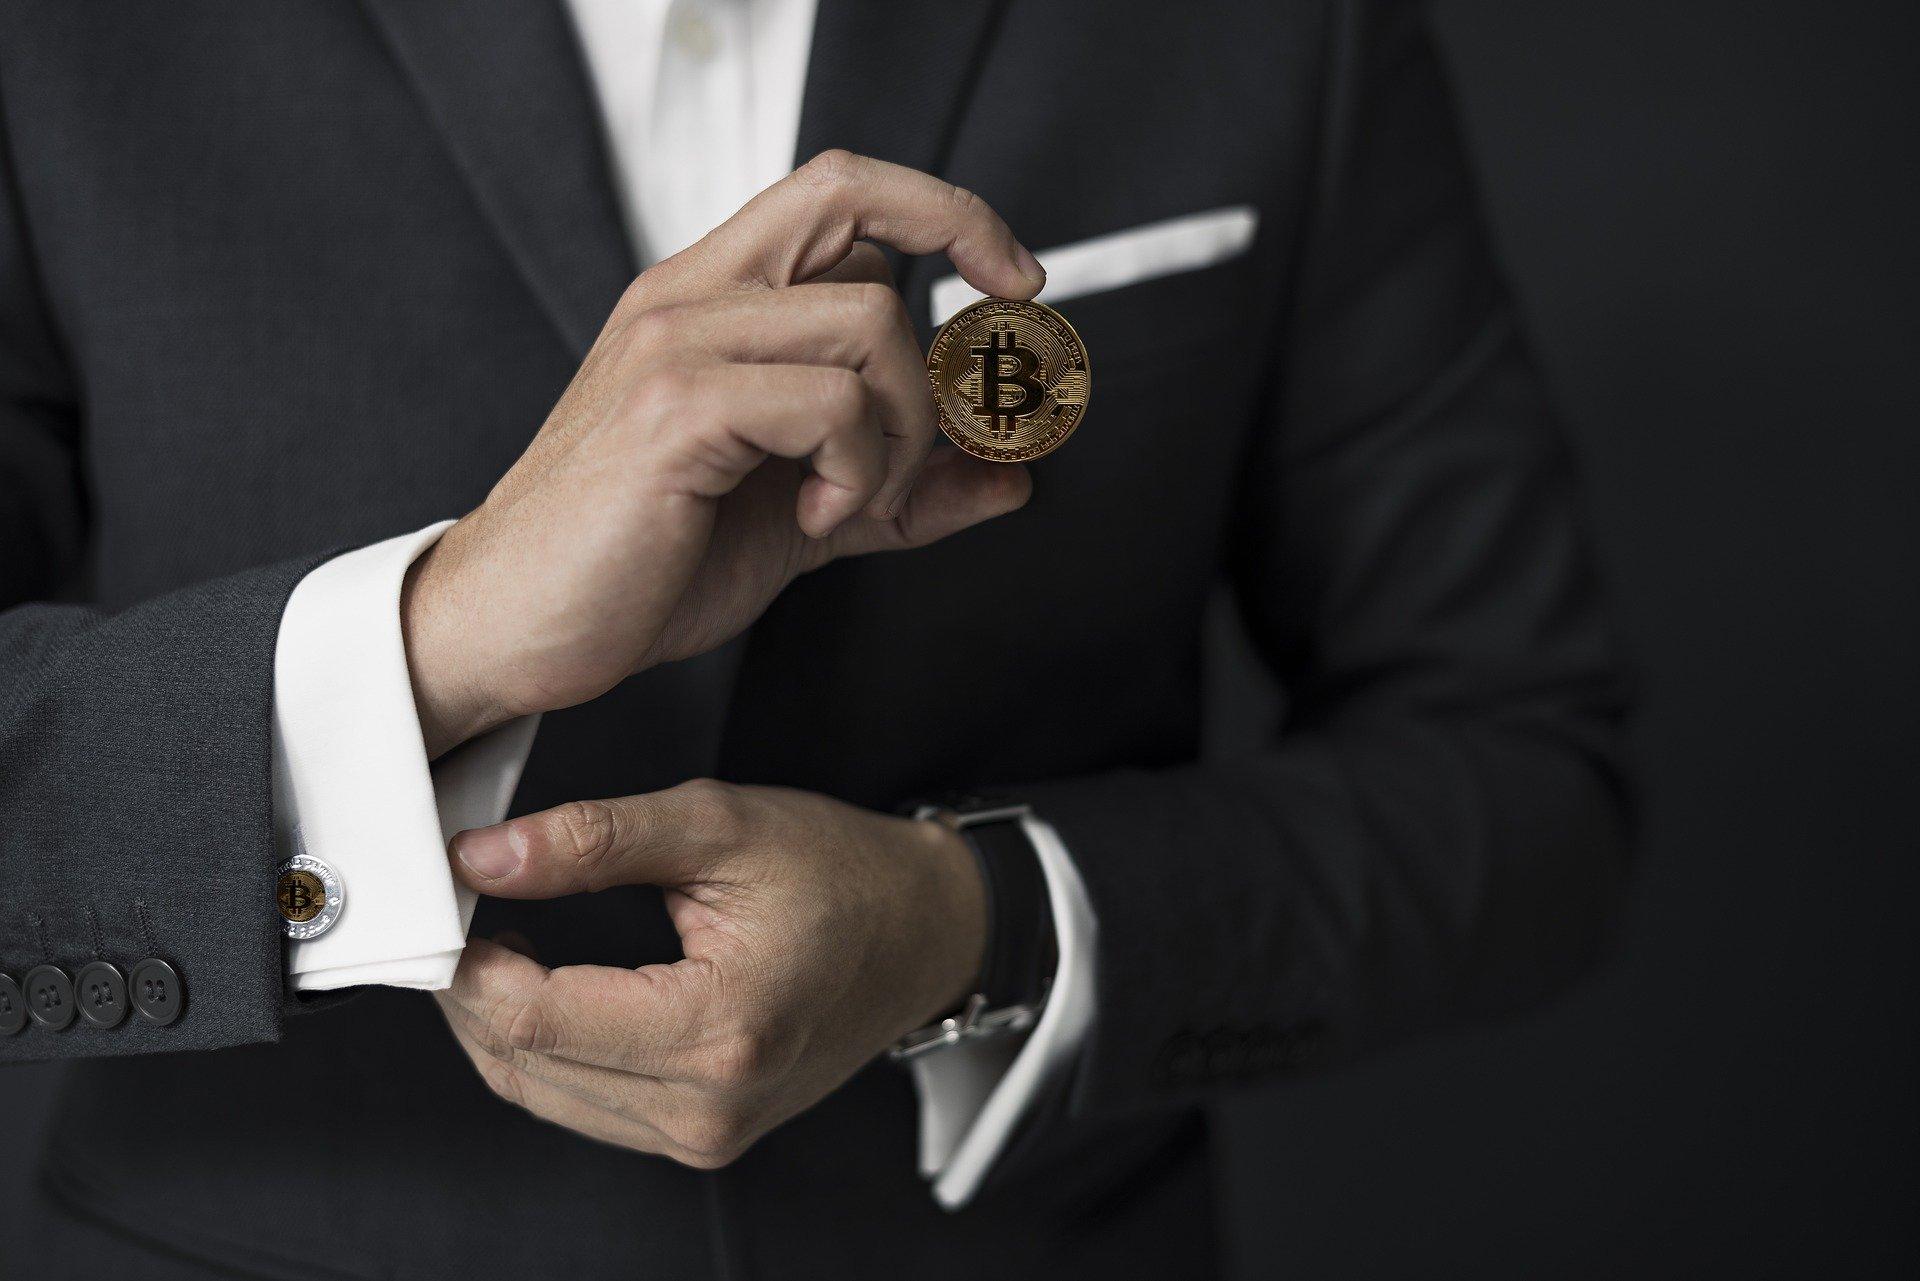 Kan er beslag worden gelegd op uw bitcoins?